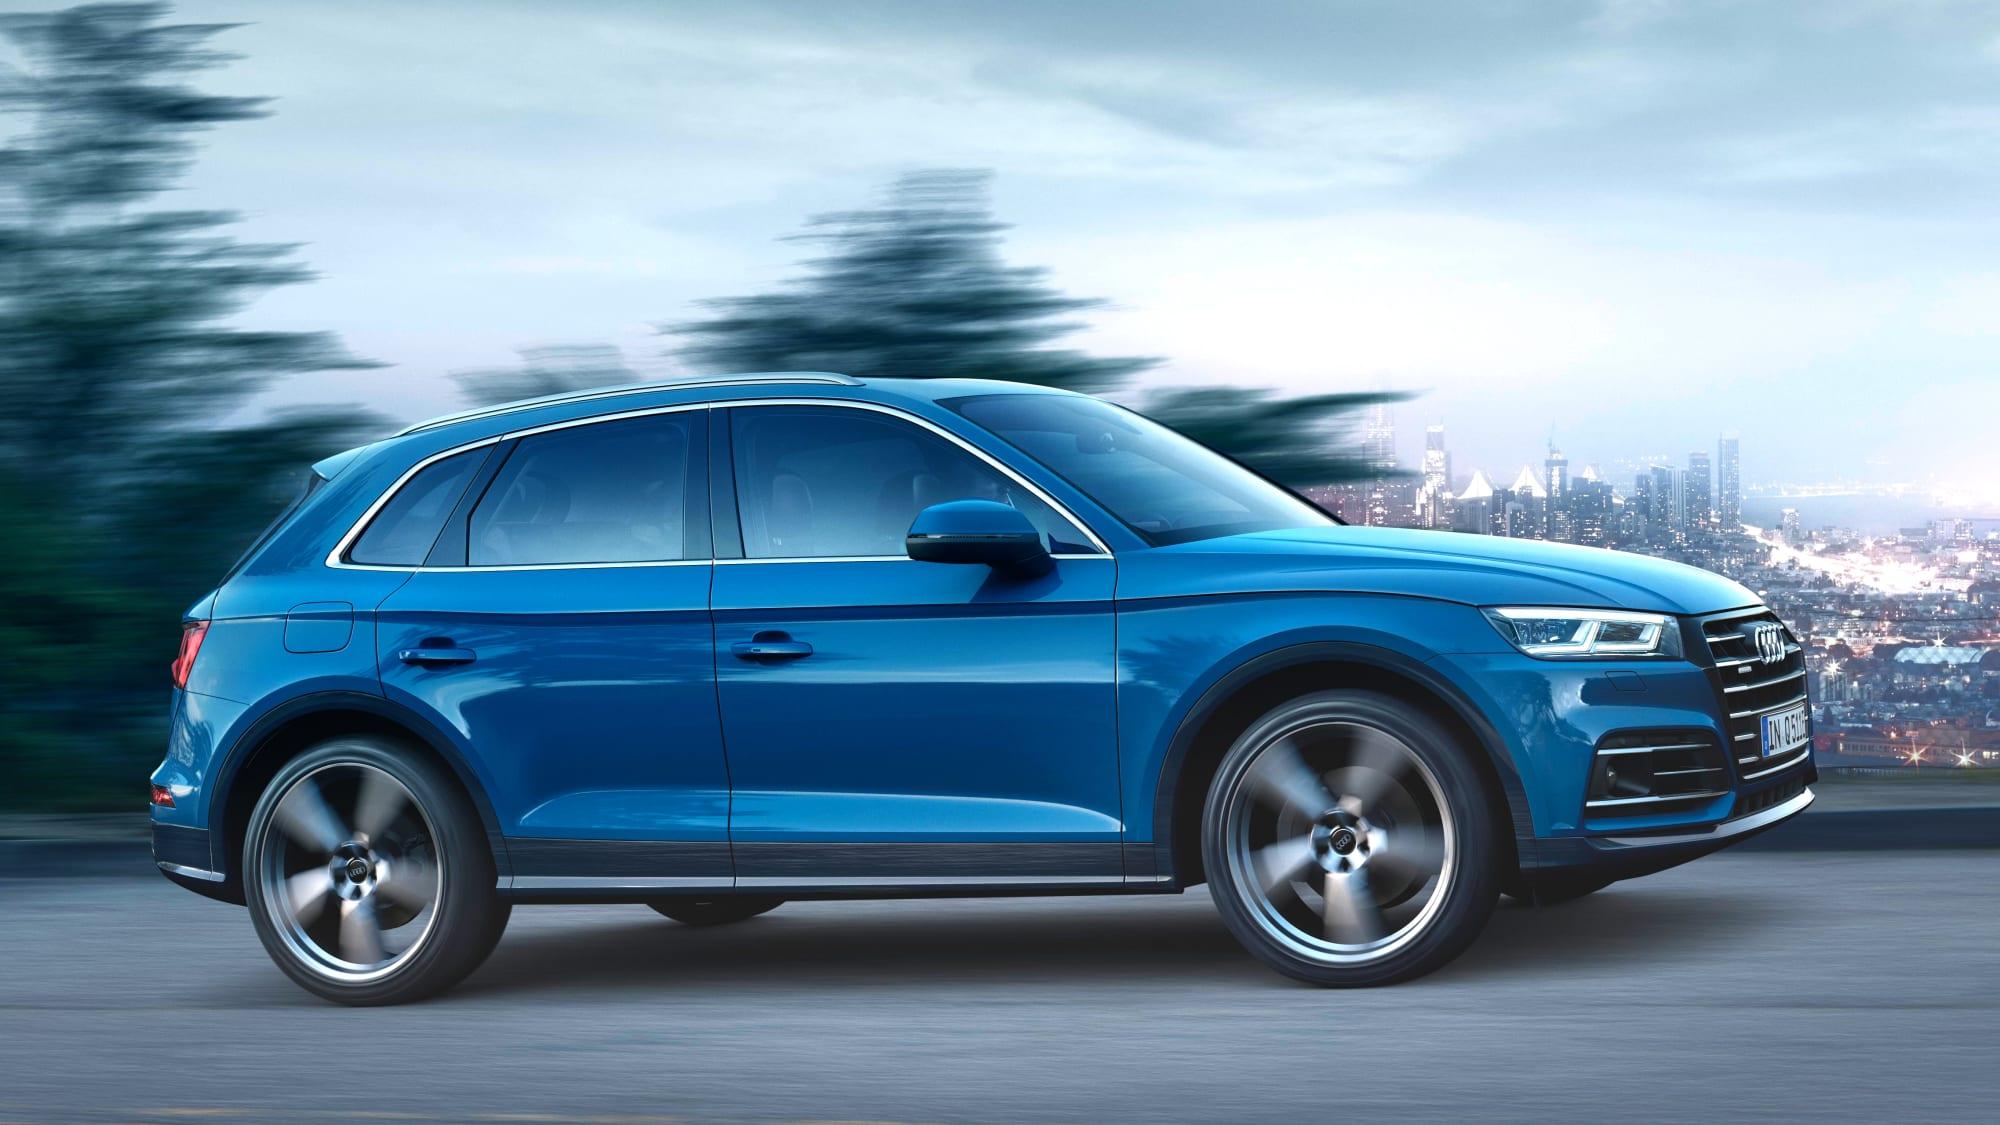 Testfahrt Audi Q5 Das Kann Der Plug In Hybrid Adac